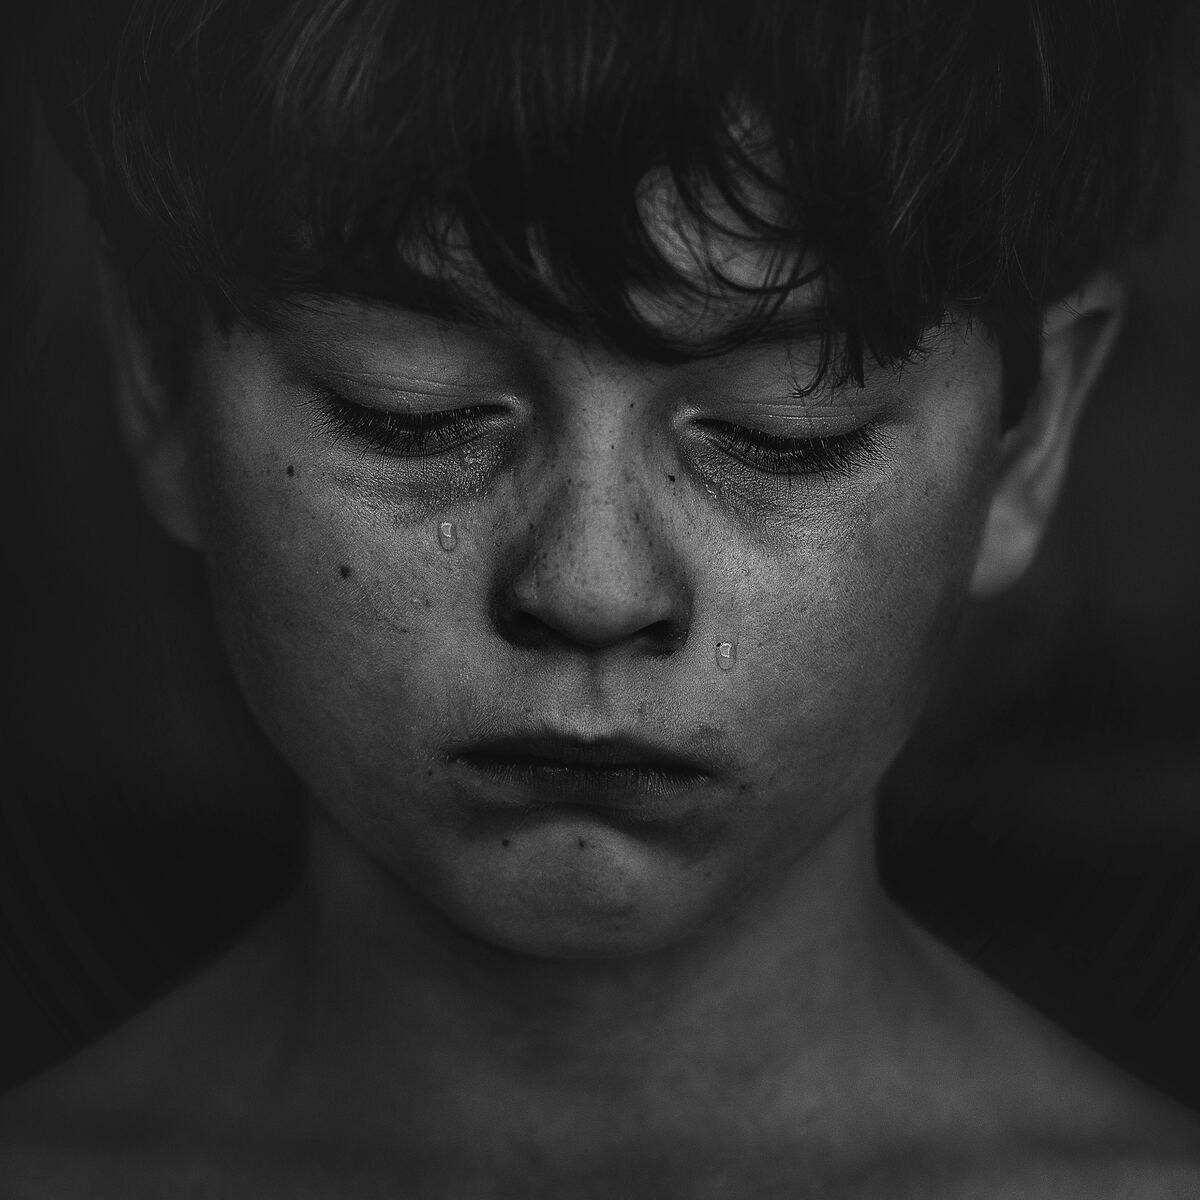 Segítség, mit tehetek a hallássérült gyermekemet érintő kiközösítés ellen?